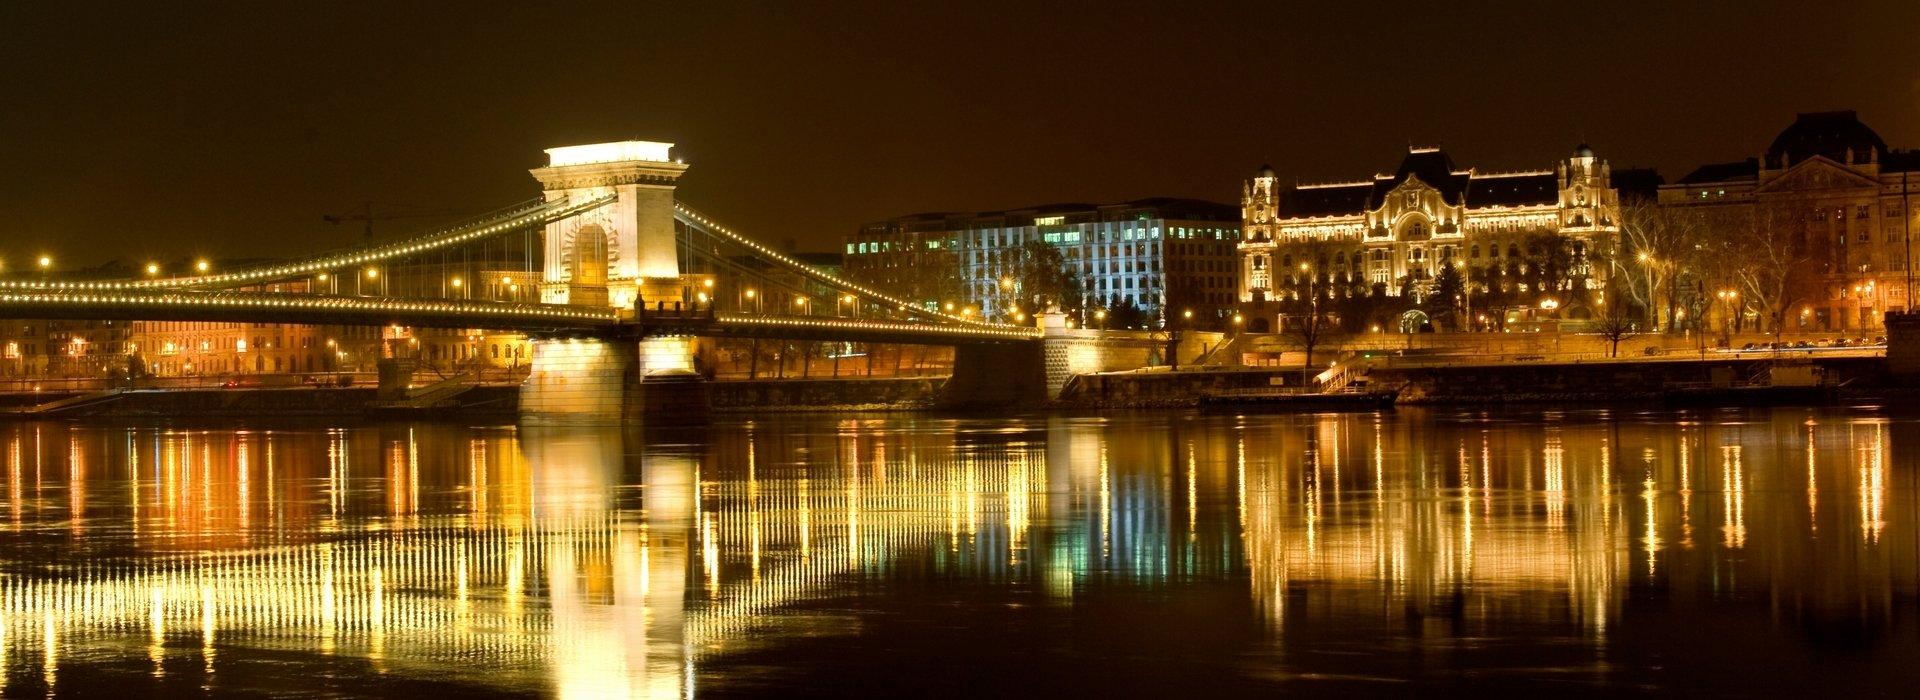 Városnézés Bécsben